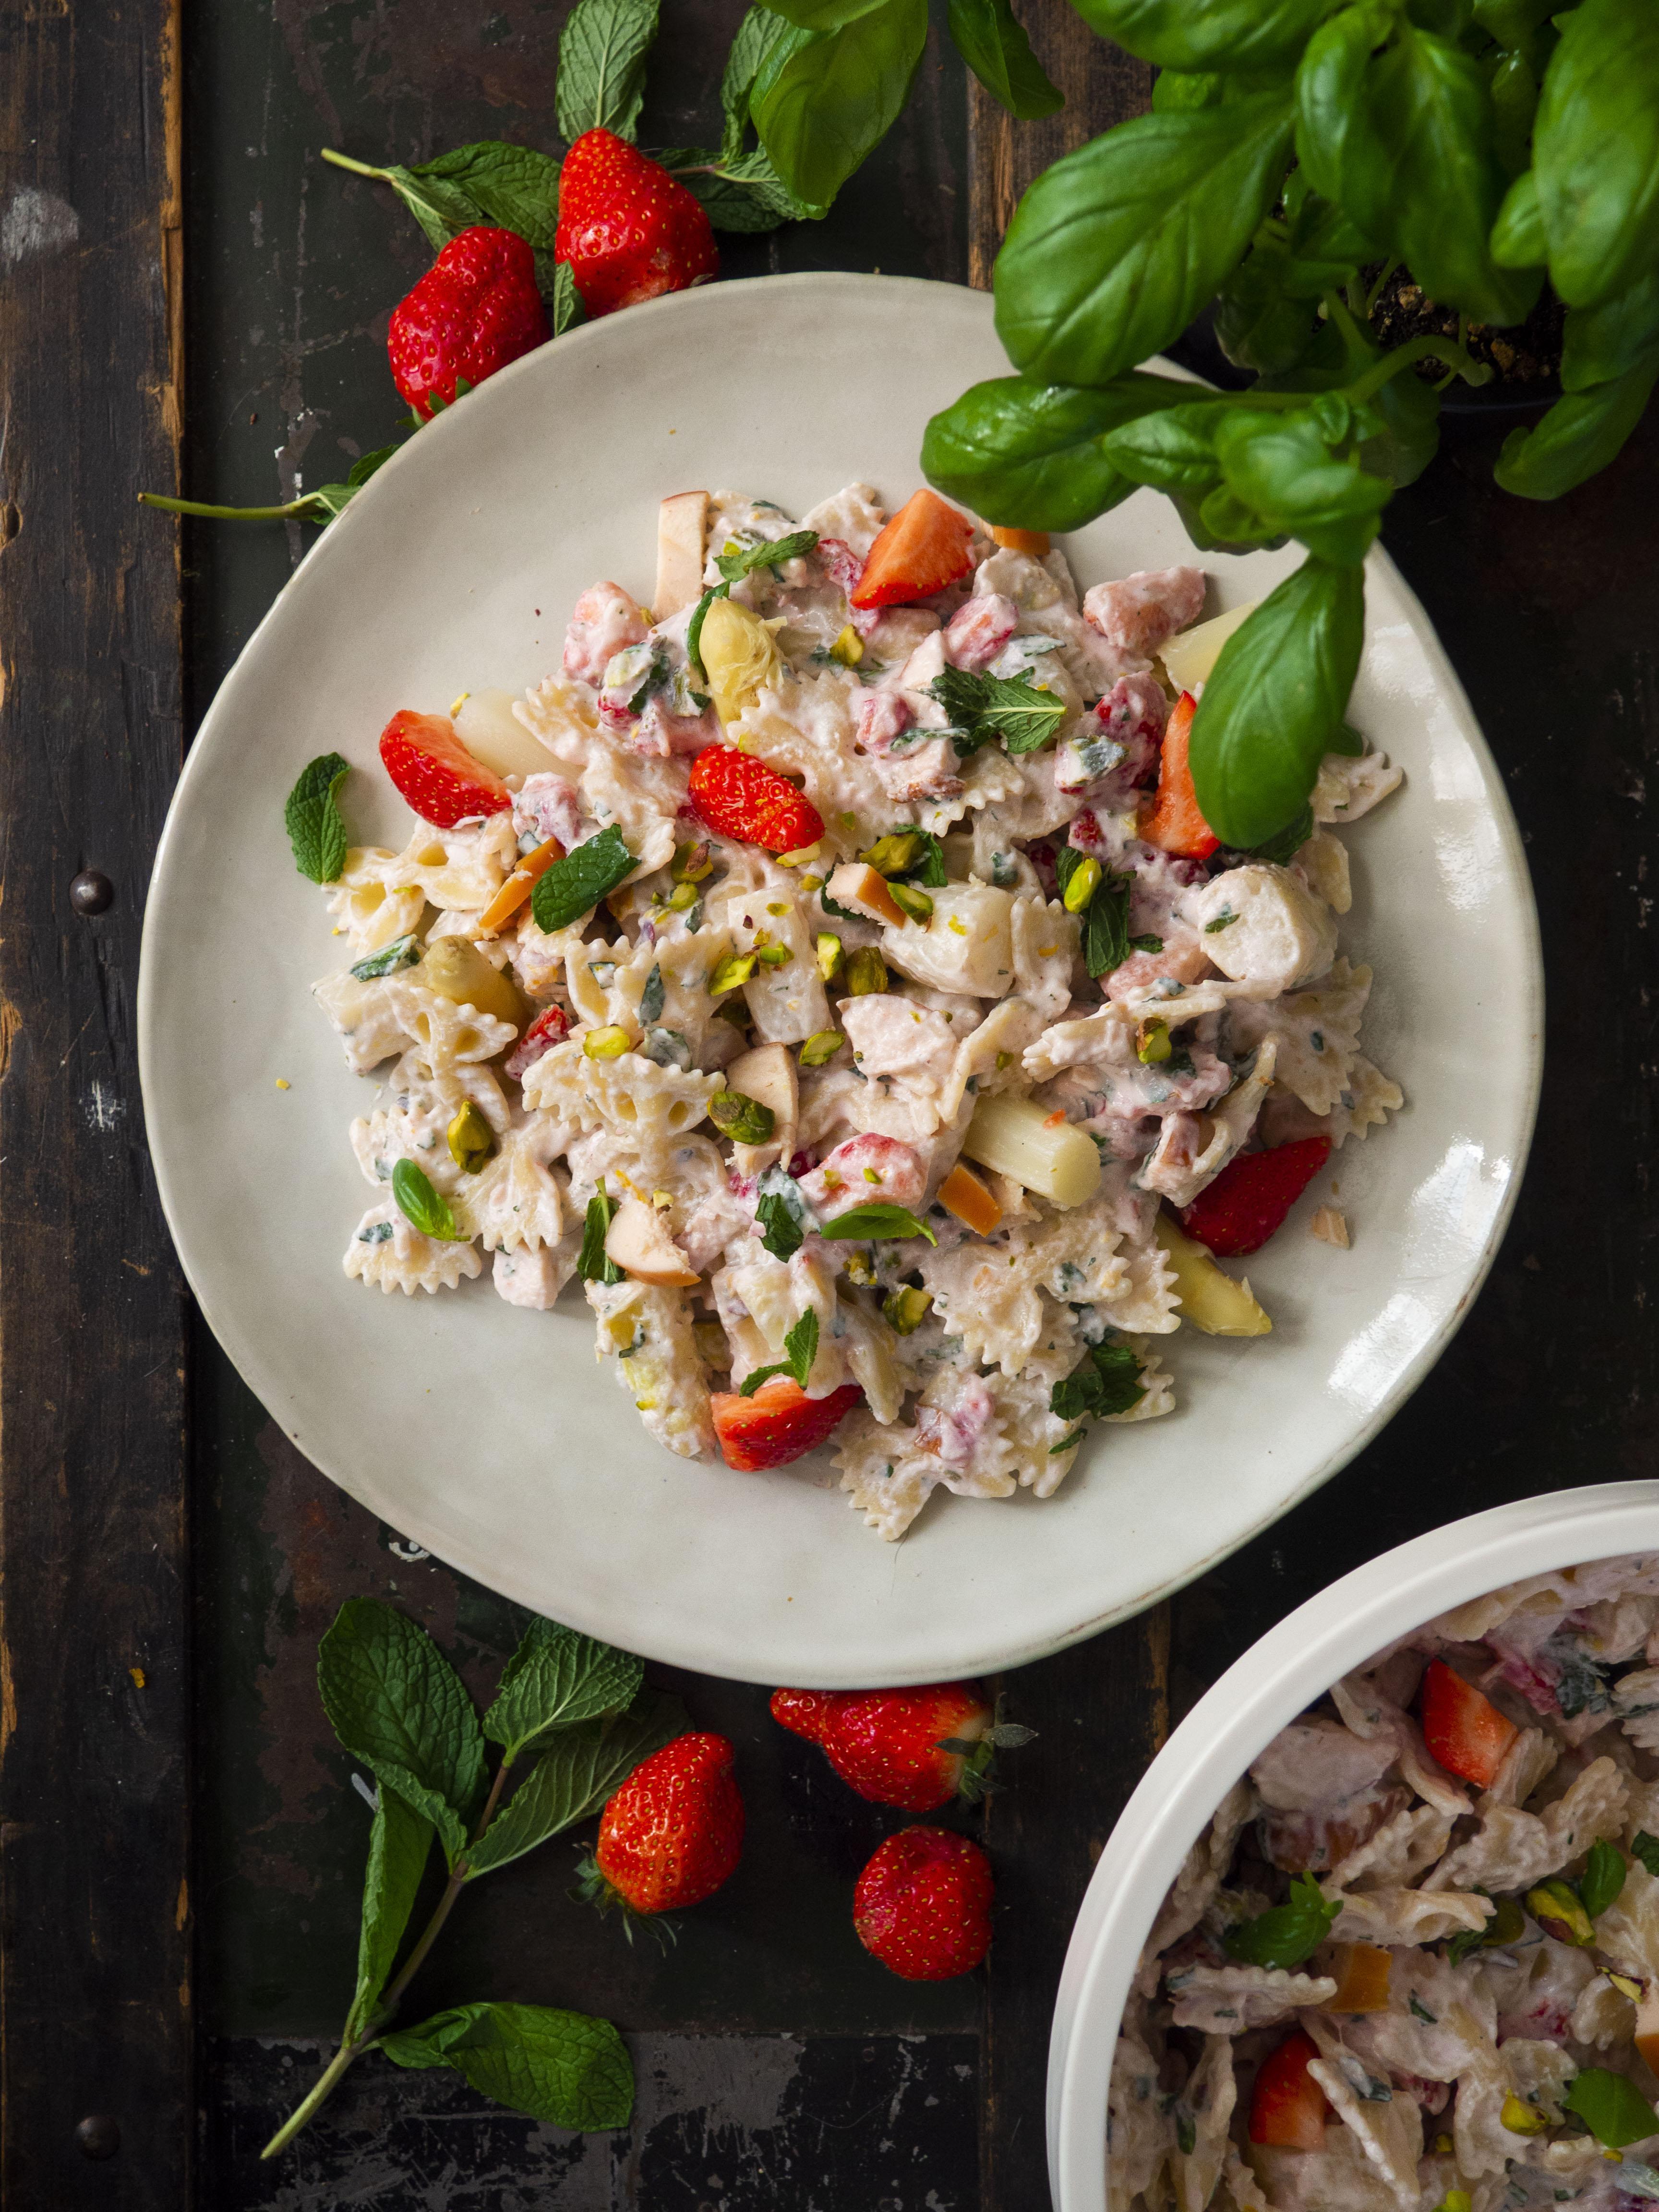 pastasalade met asperges, aardbeien en gerookte kip